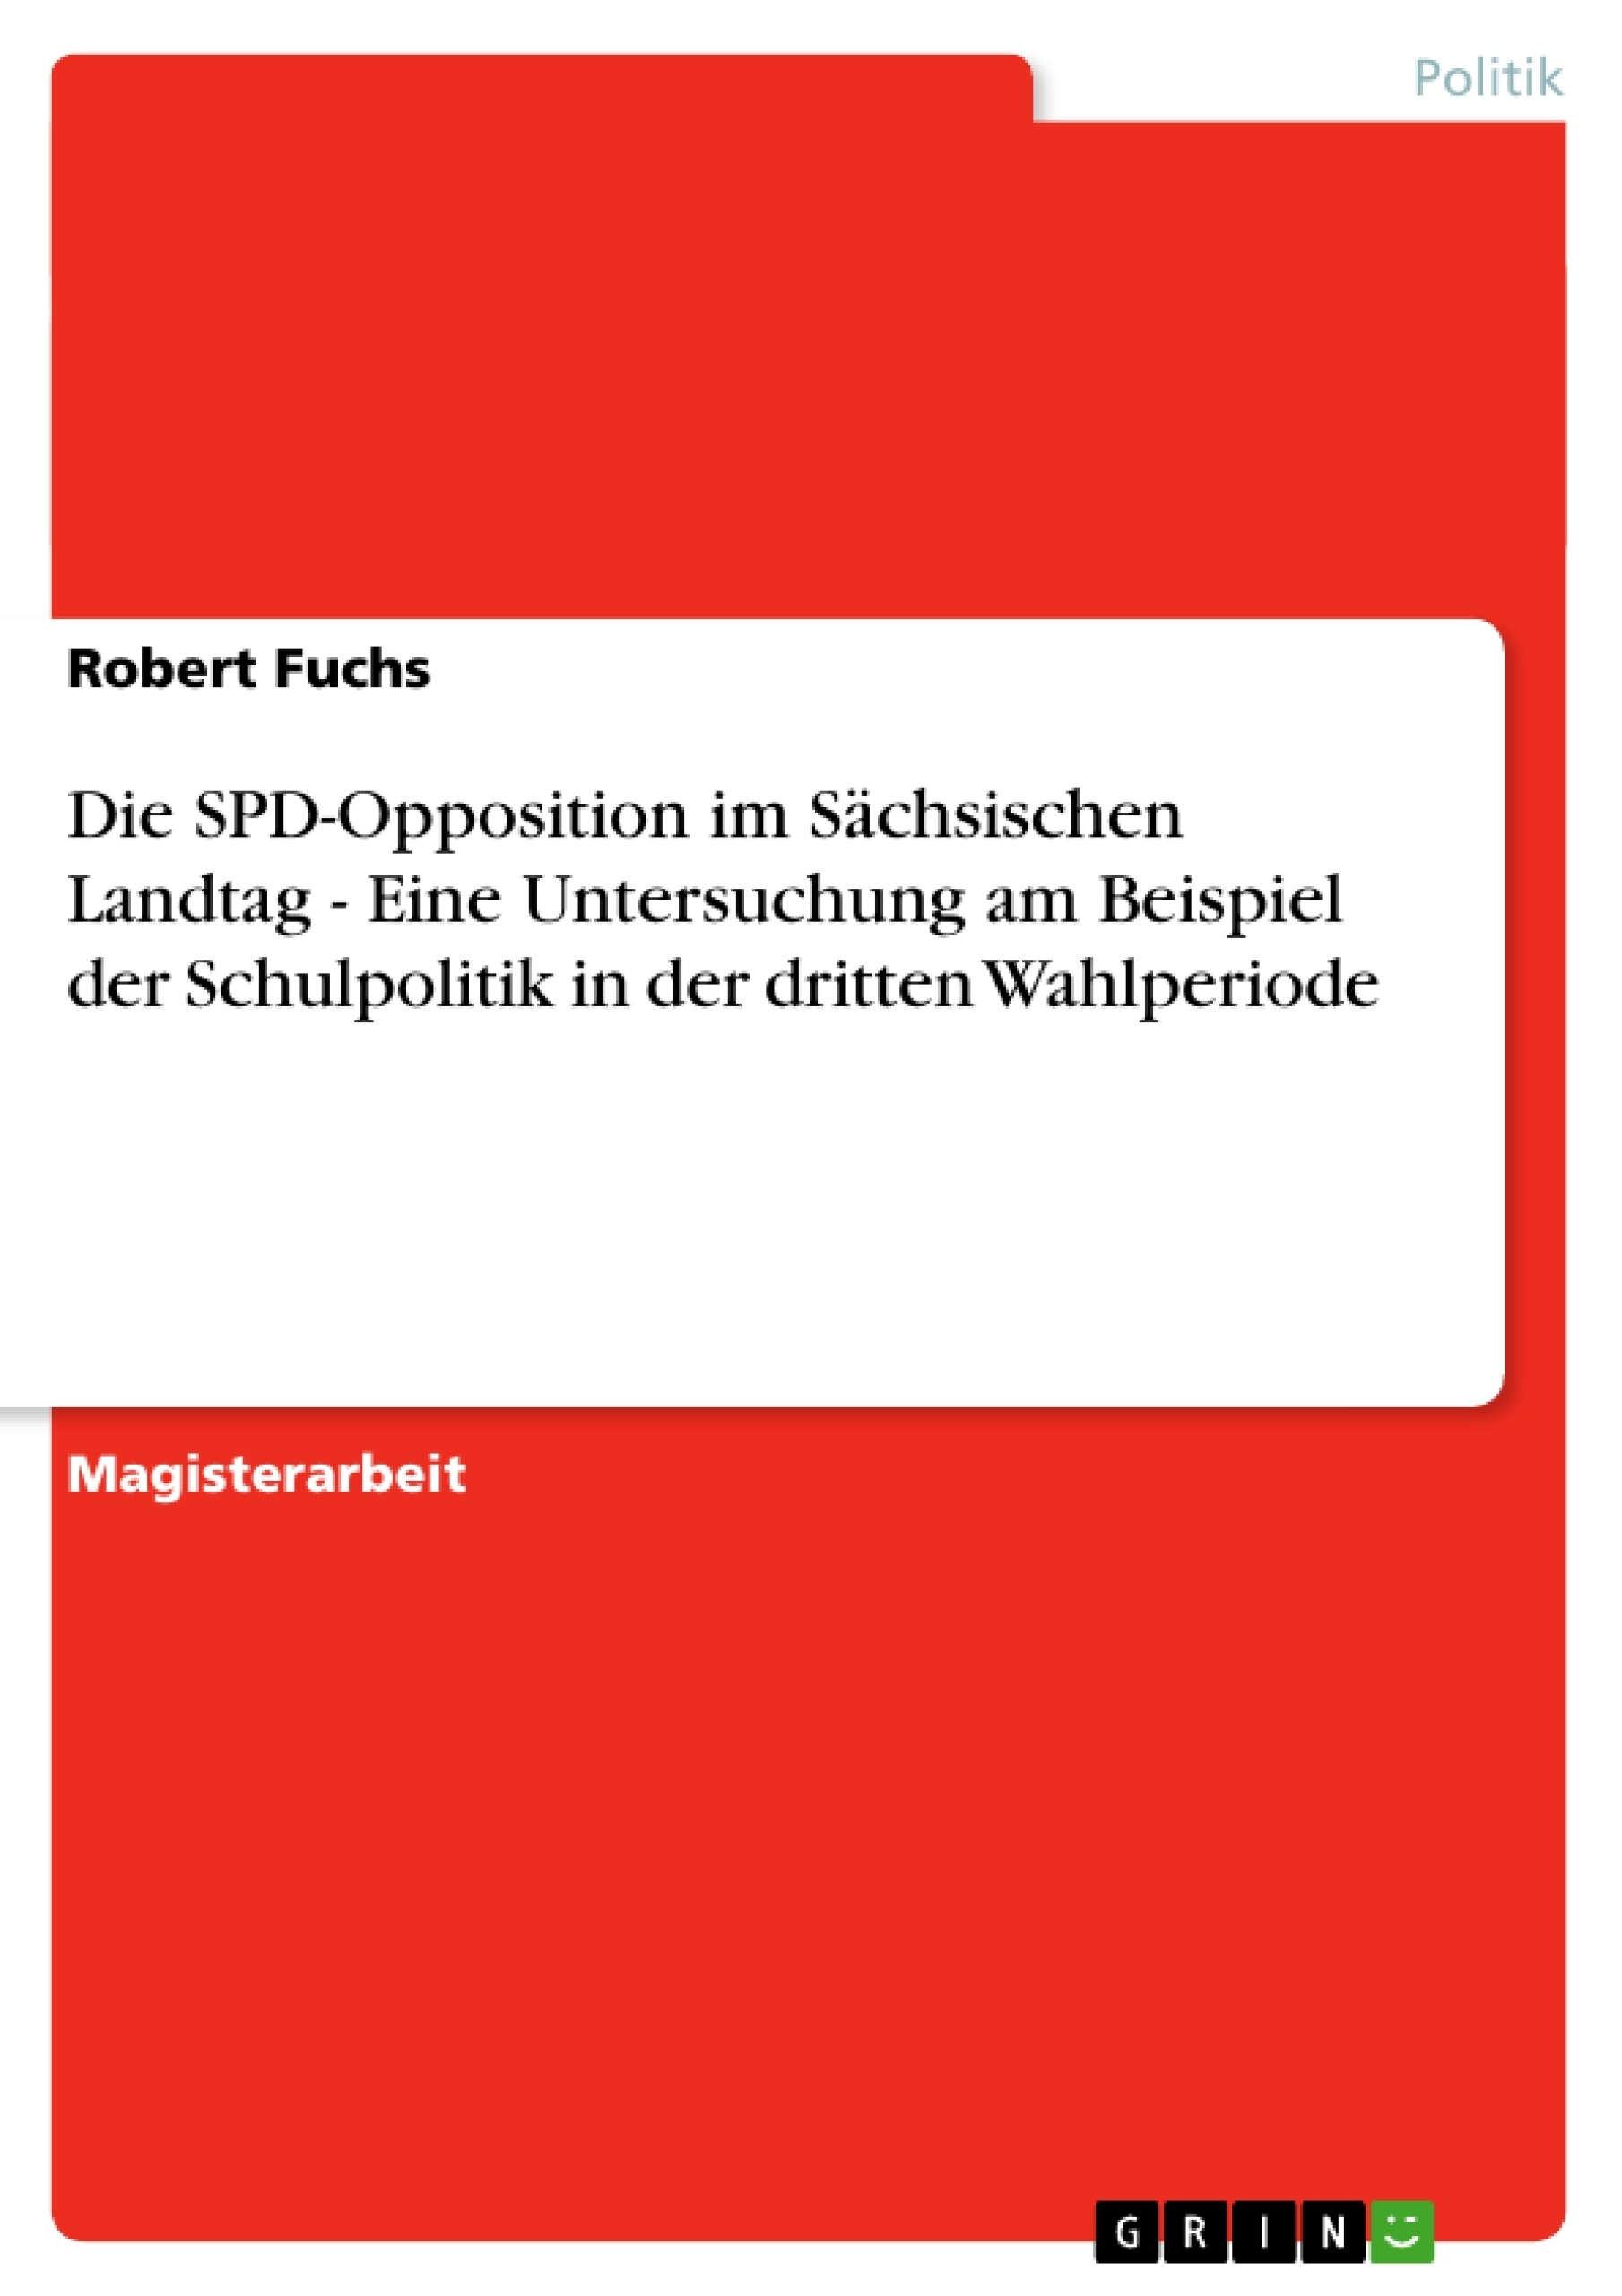 Titel: Die SPD-Opposition im Sächsischen Landtag - Eine Untersuchung am Beispiel der Schulpolitik in der dritten Wahlperiode